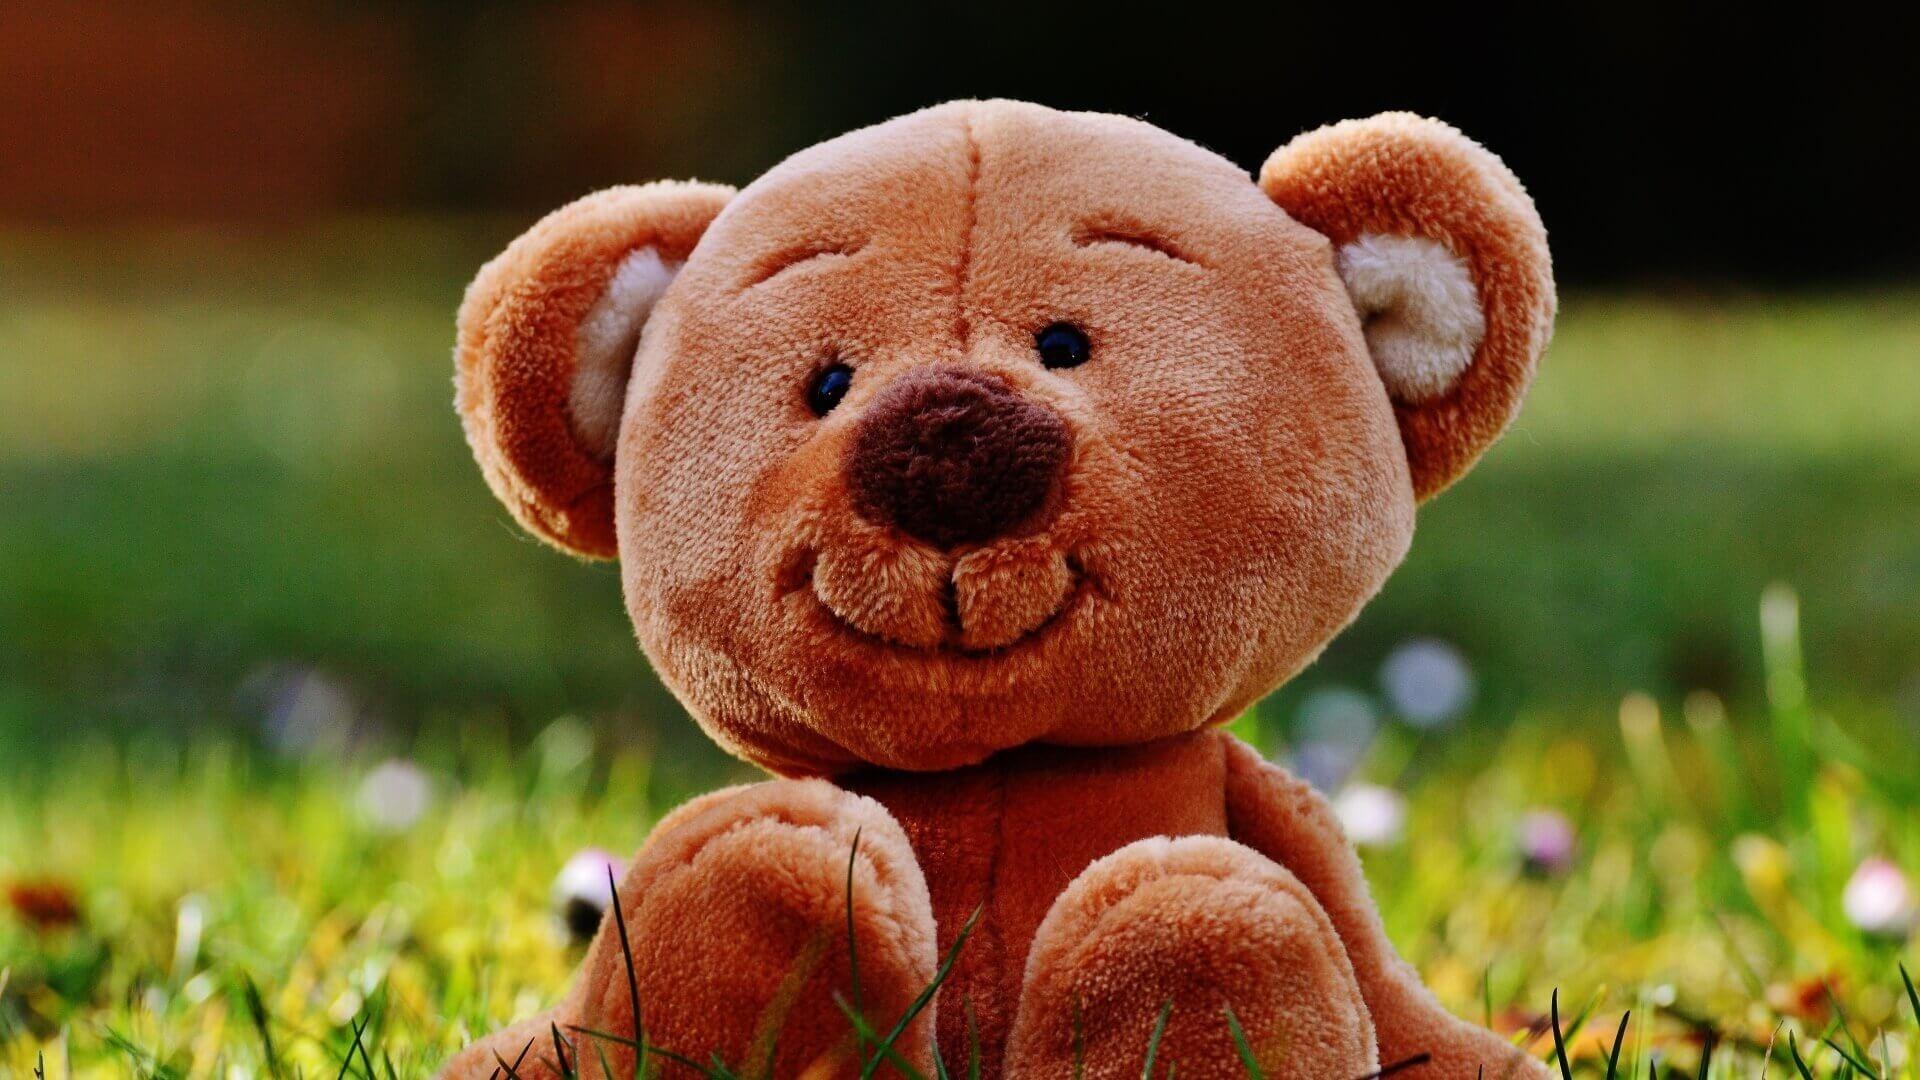 Teddy Bear Free Wallpaper